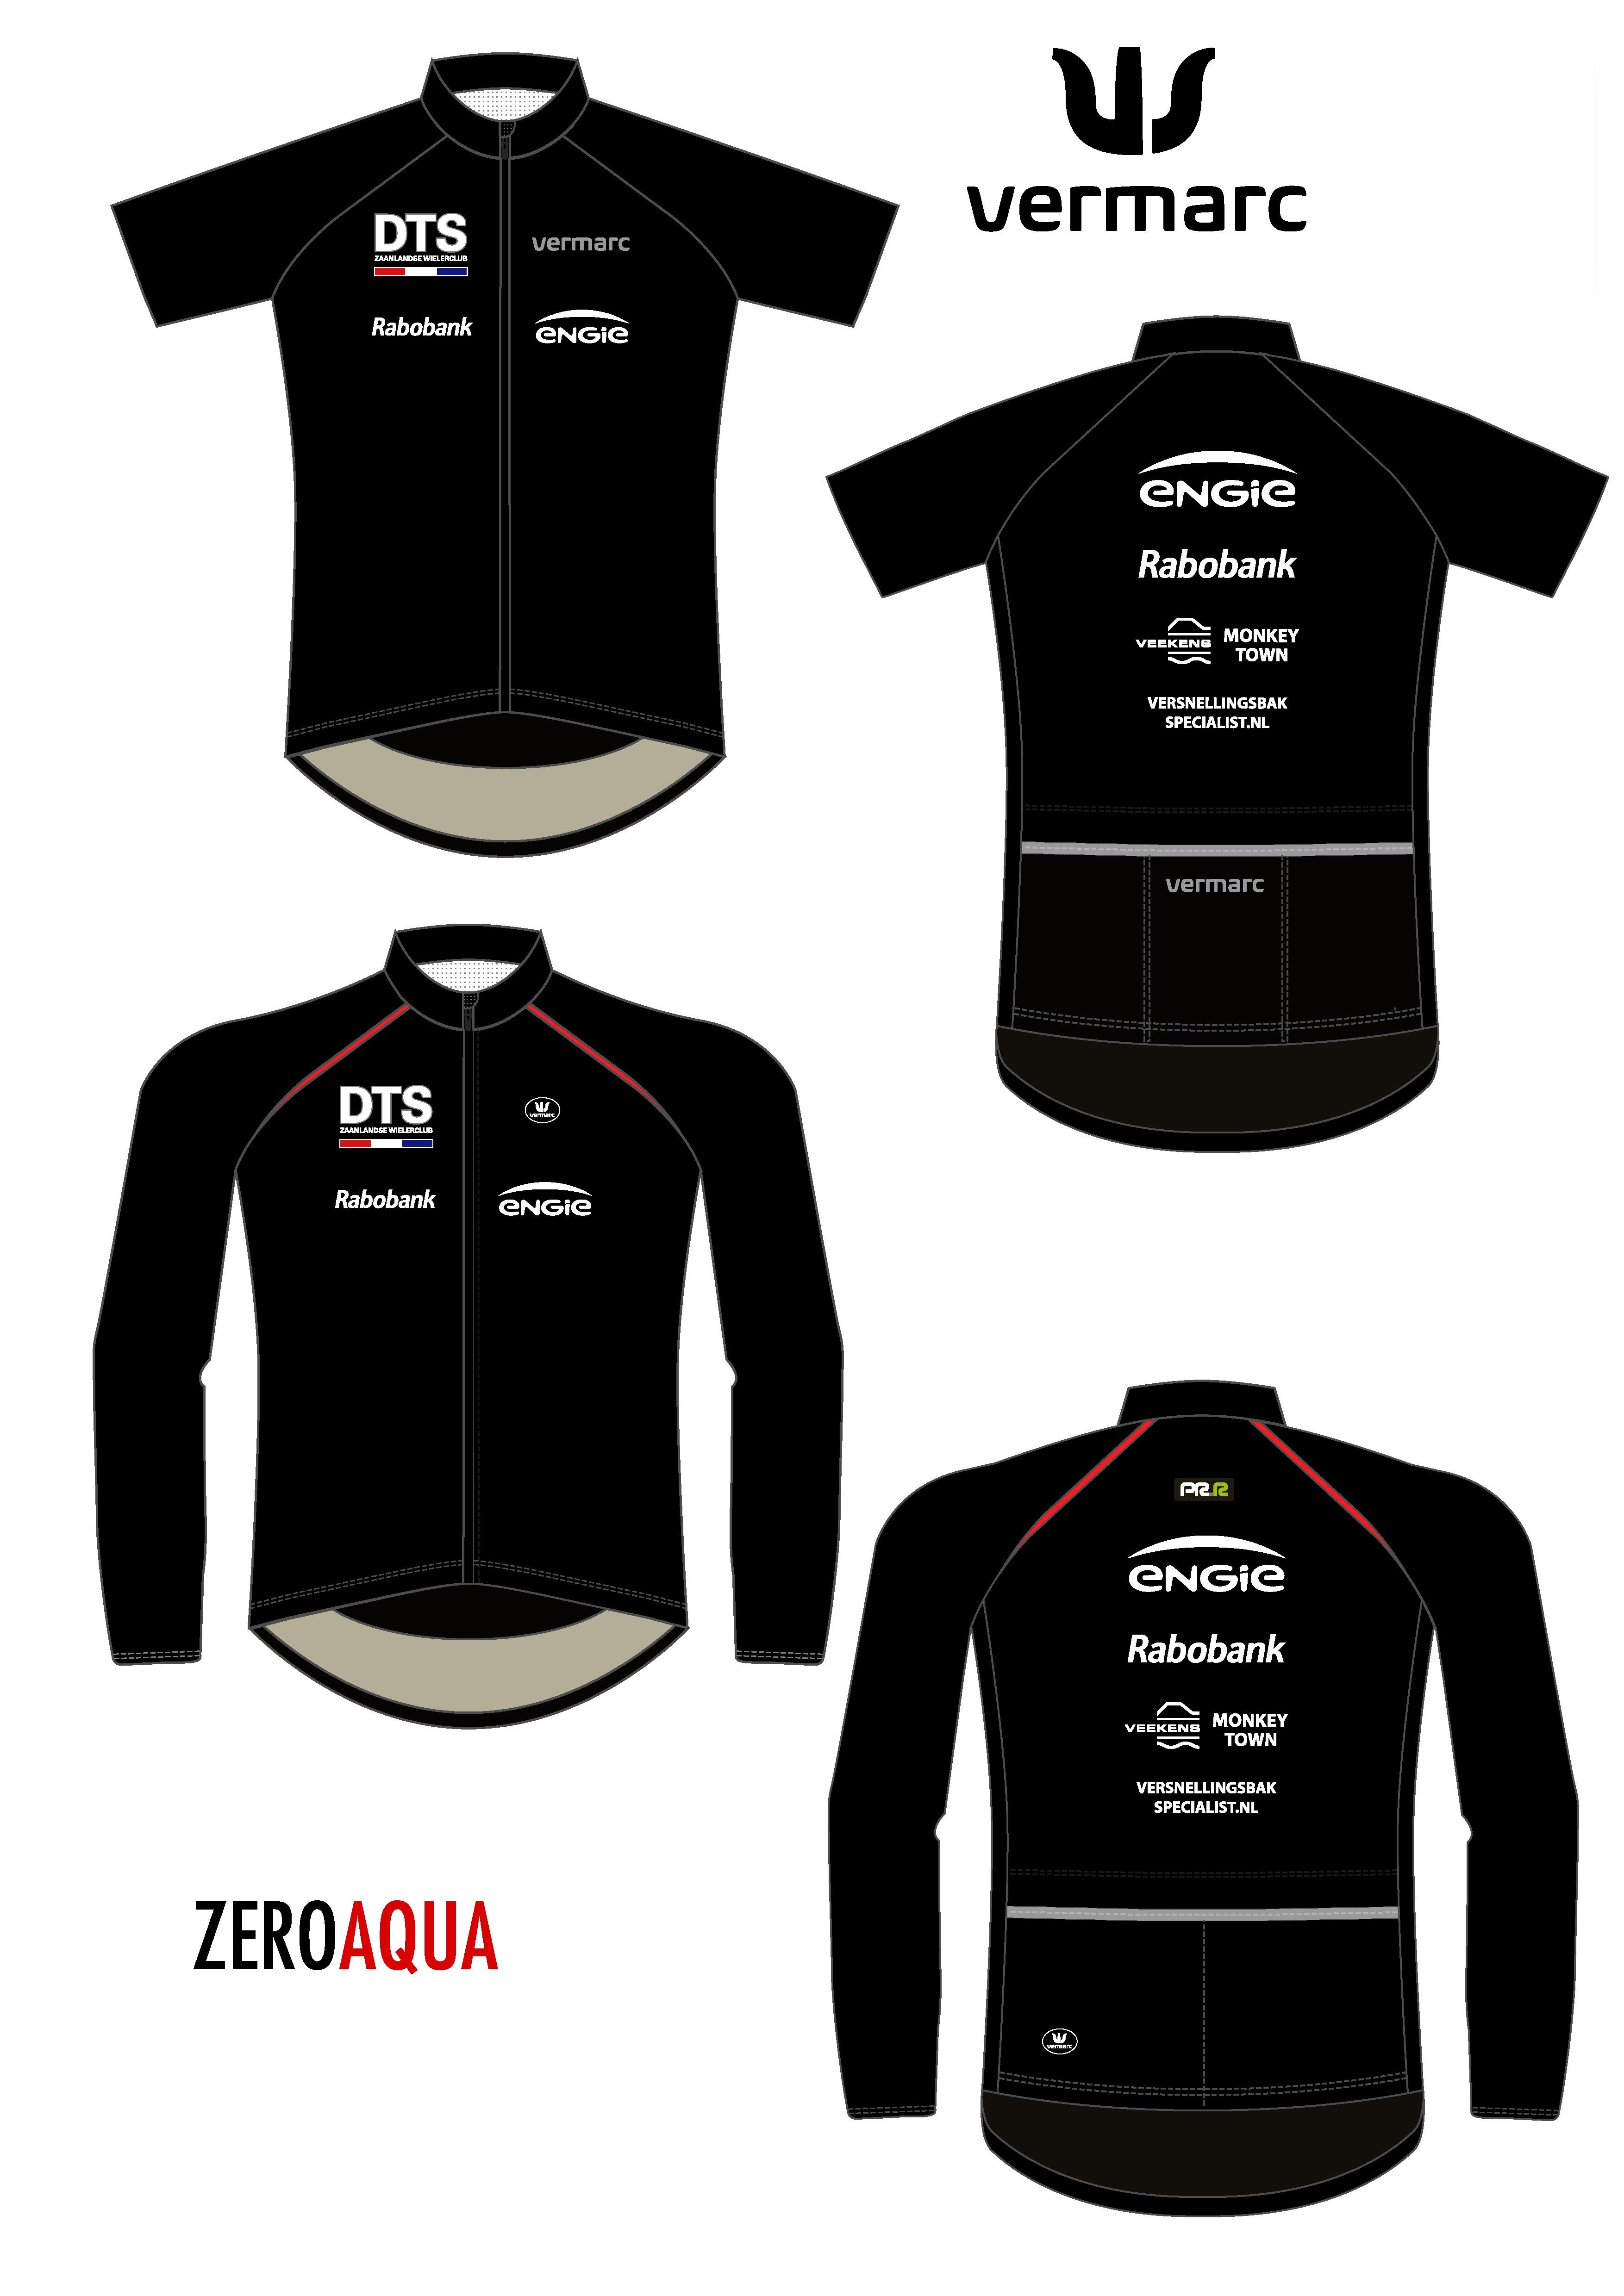 ontwerp-dts-zeroaqua-site